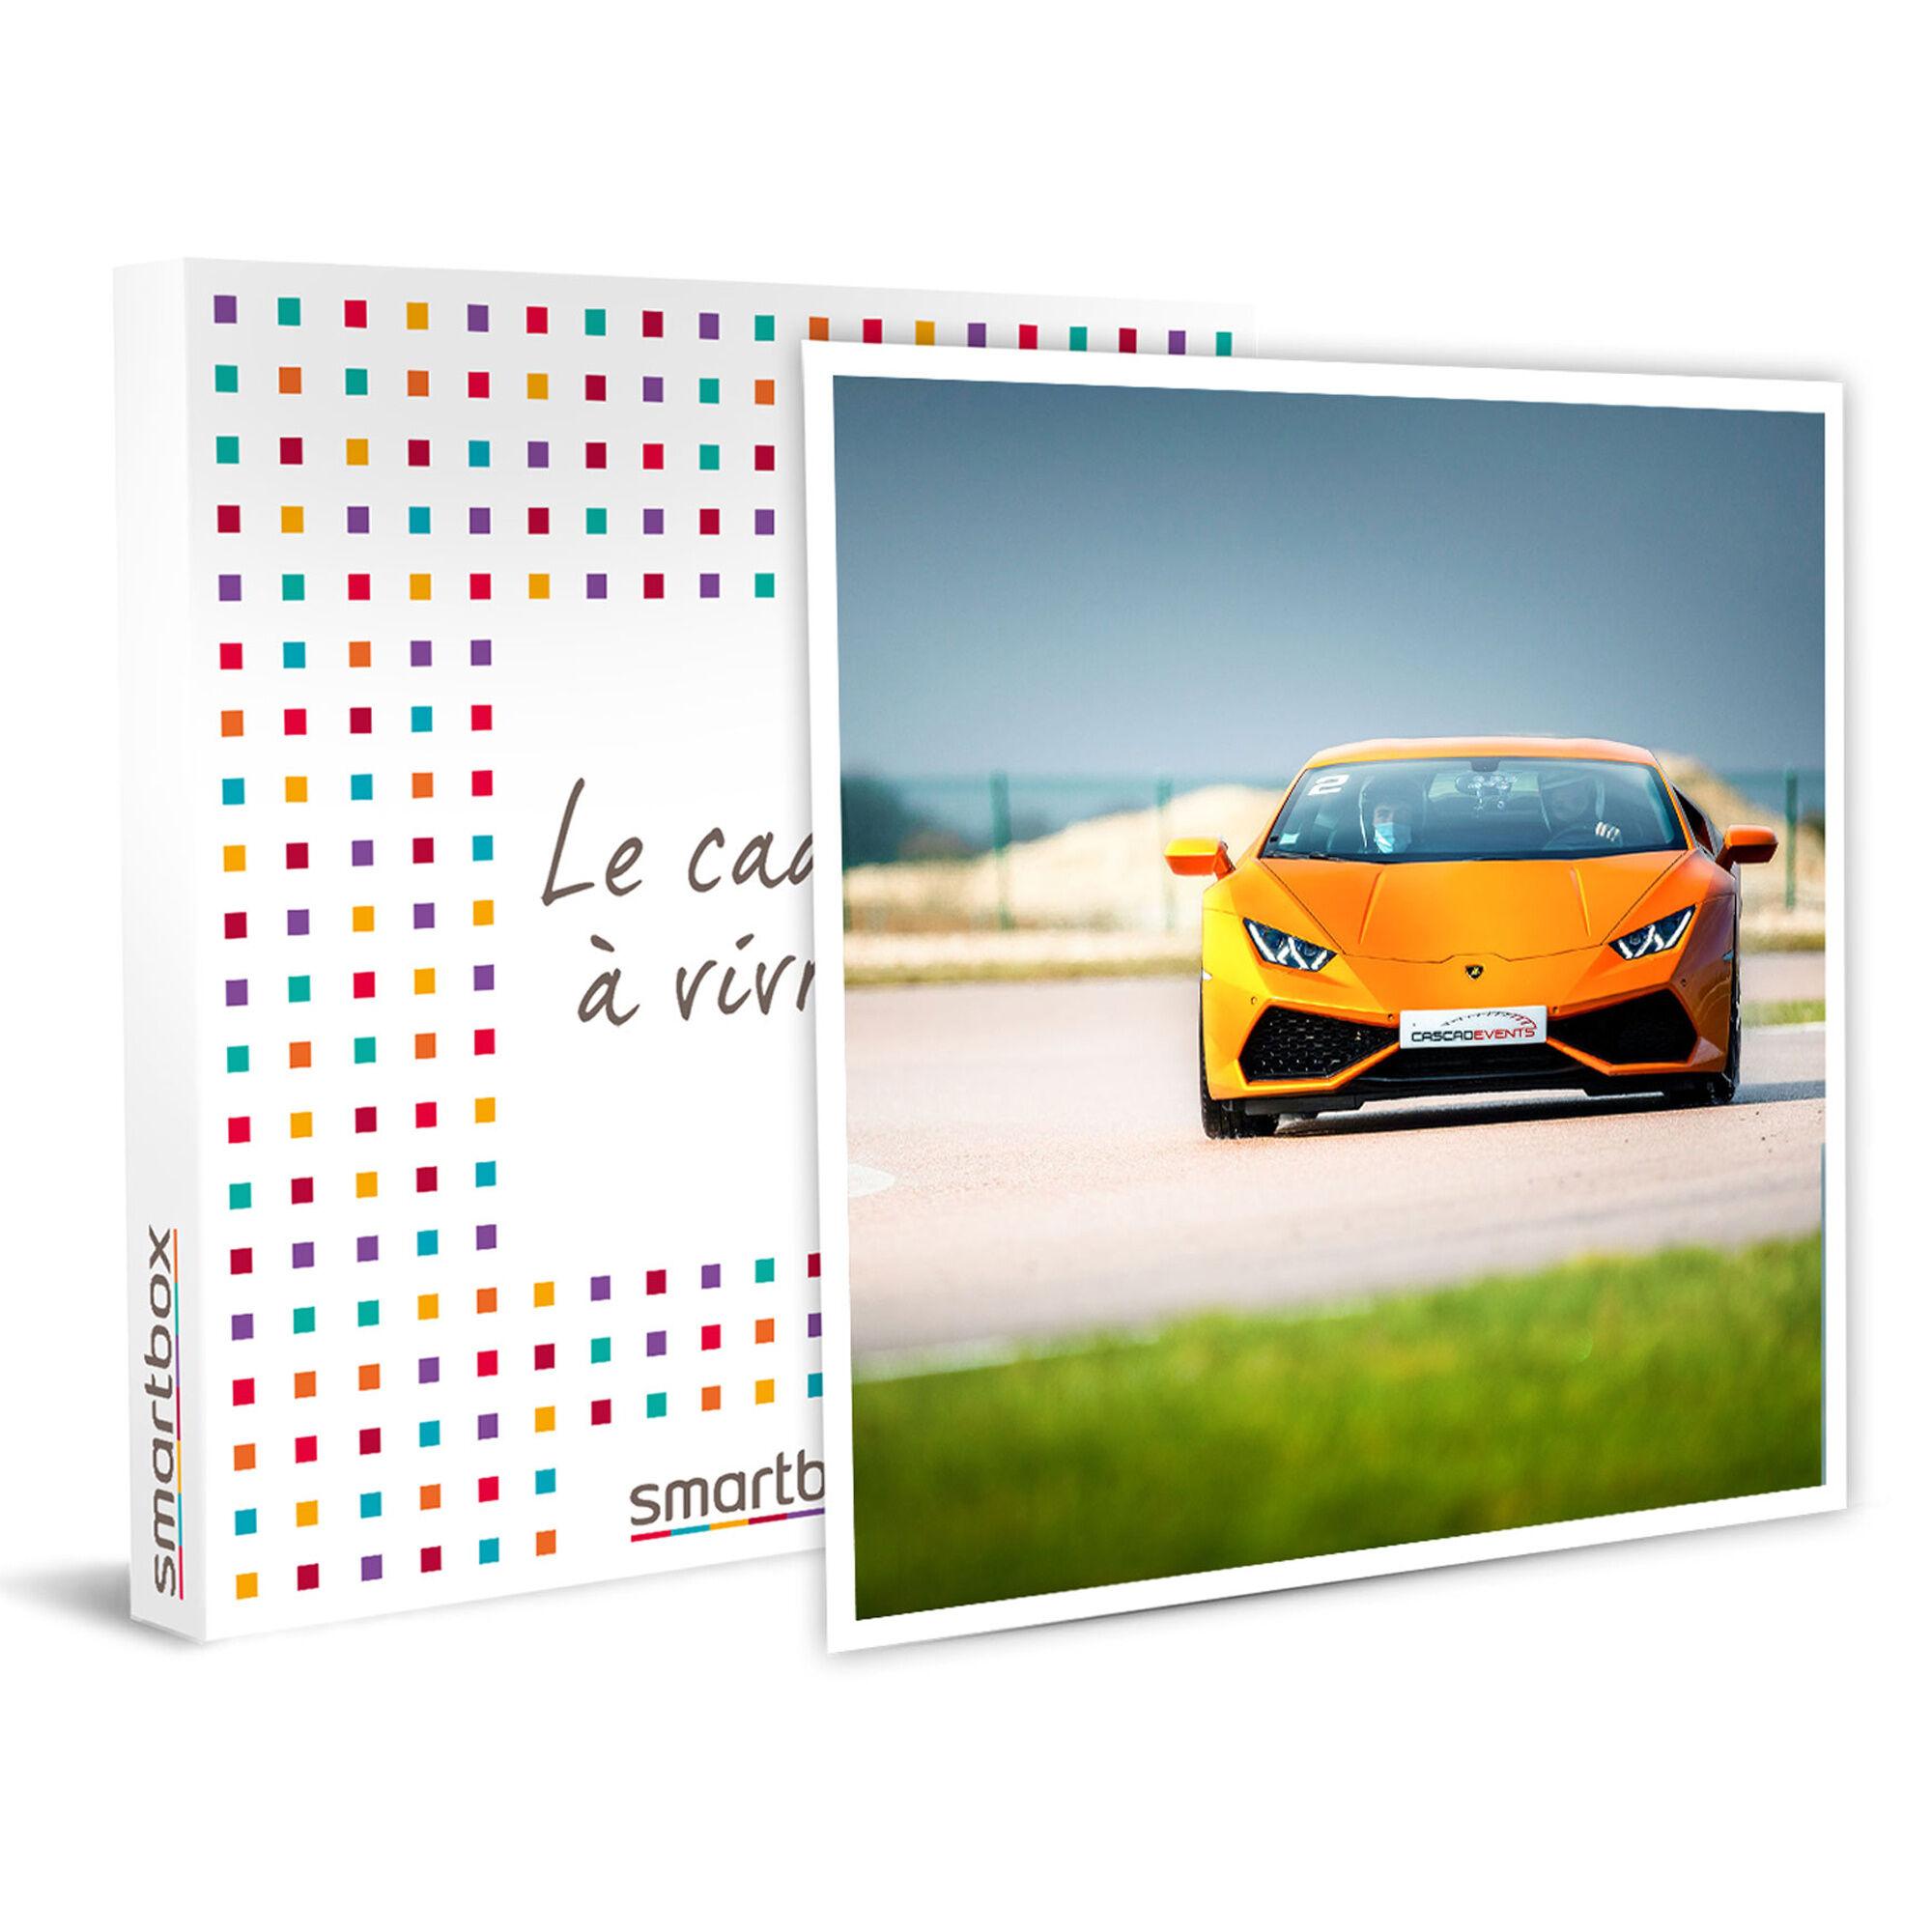 Smartbox Sensations sur circuit : 2 tours en Lamborghini Huracán Coffret cadeau Smartbox